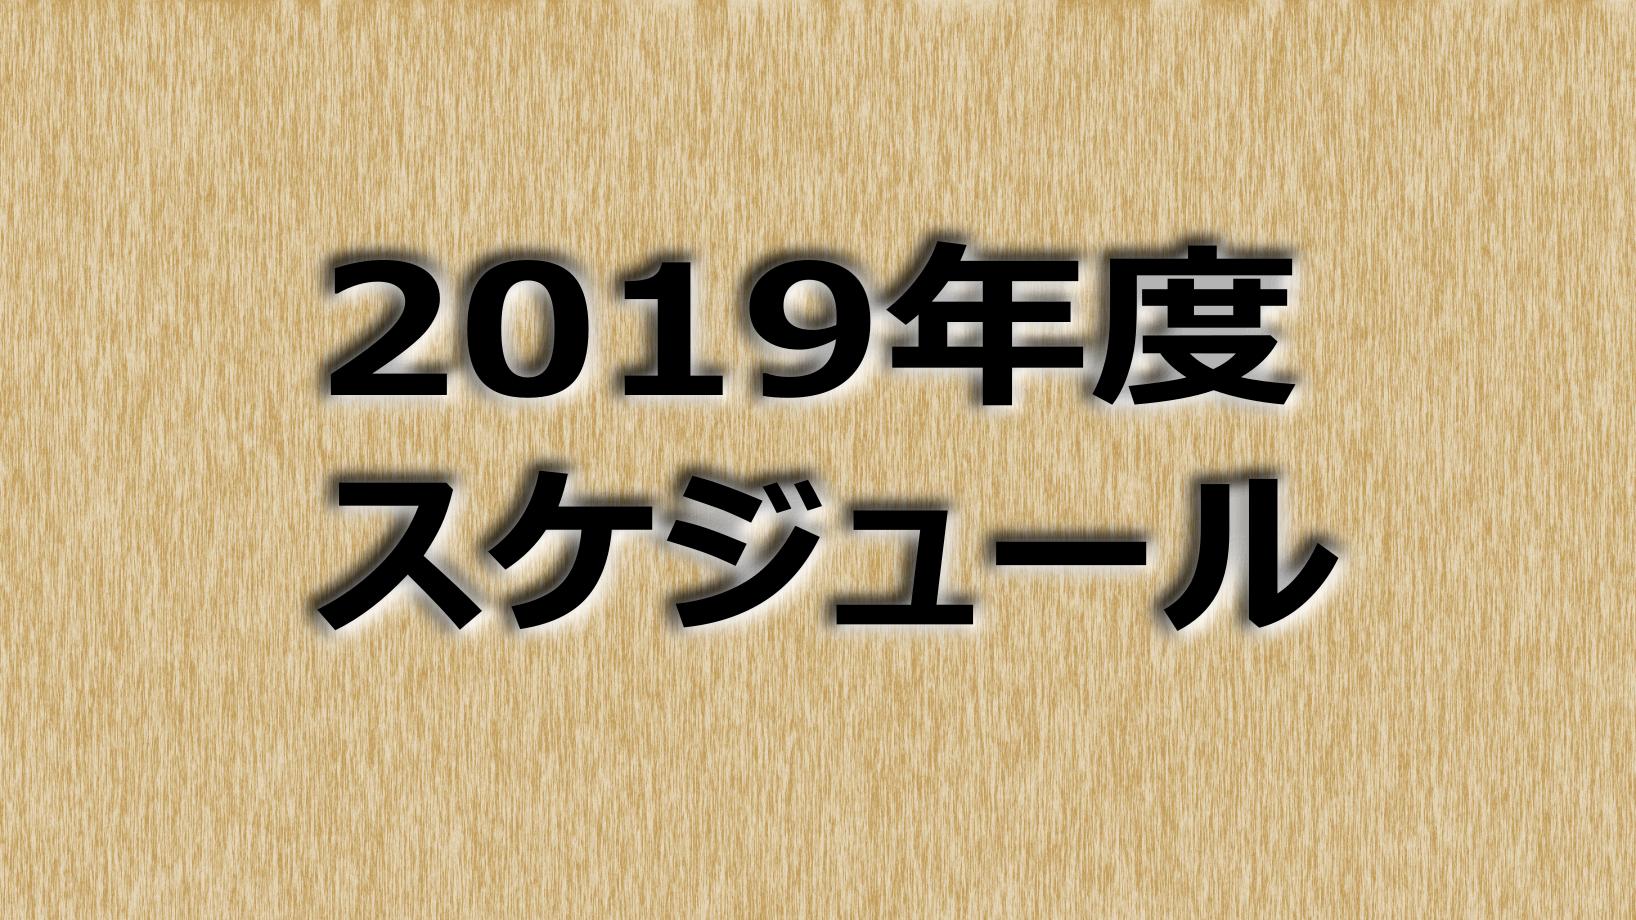 2019年度スケジュールのイメージ